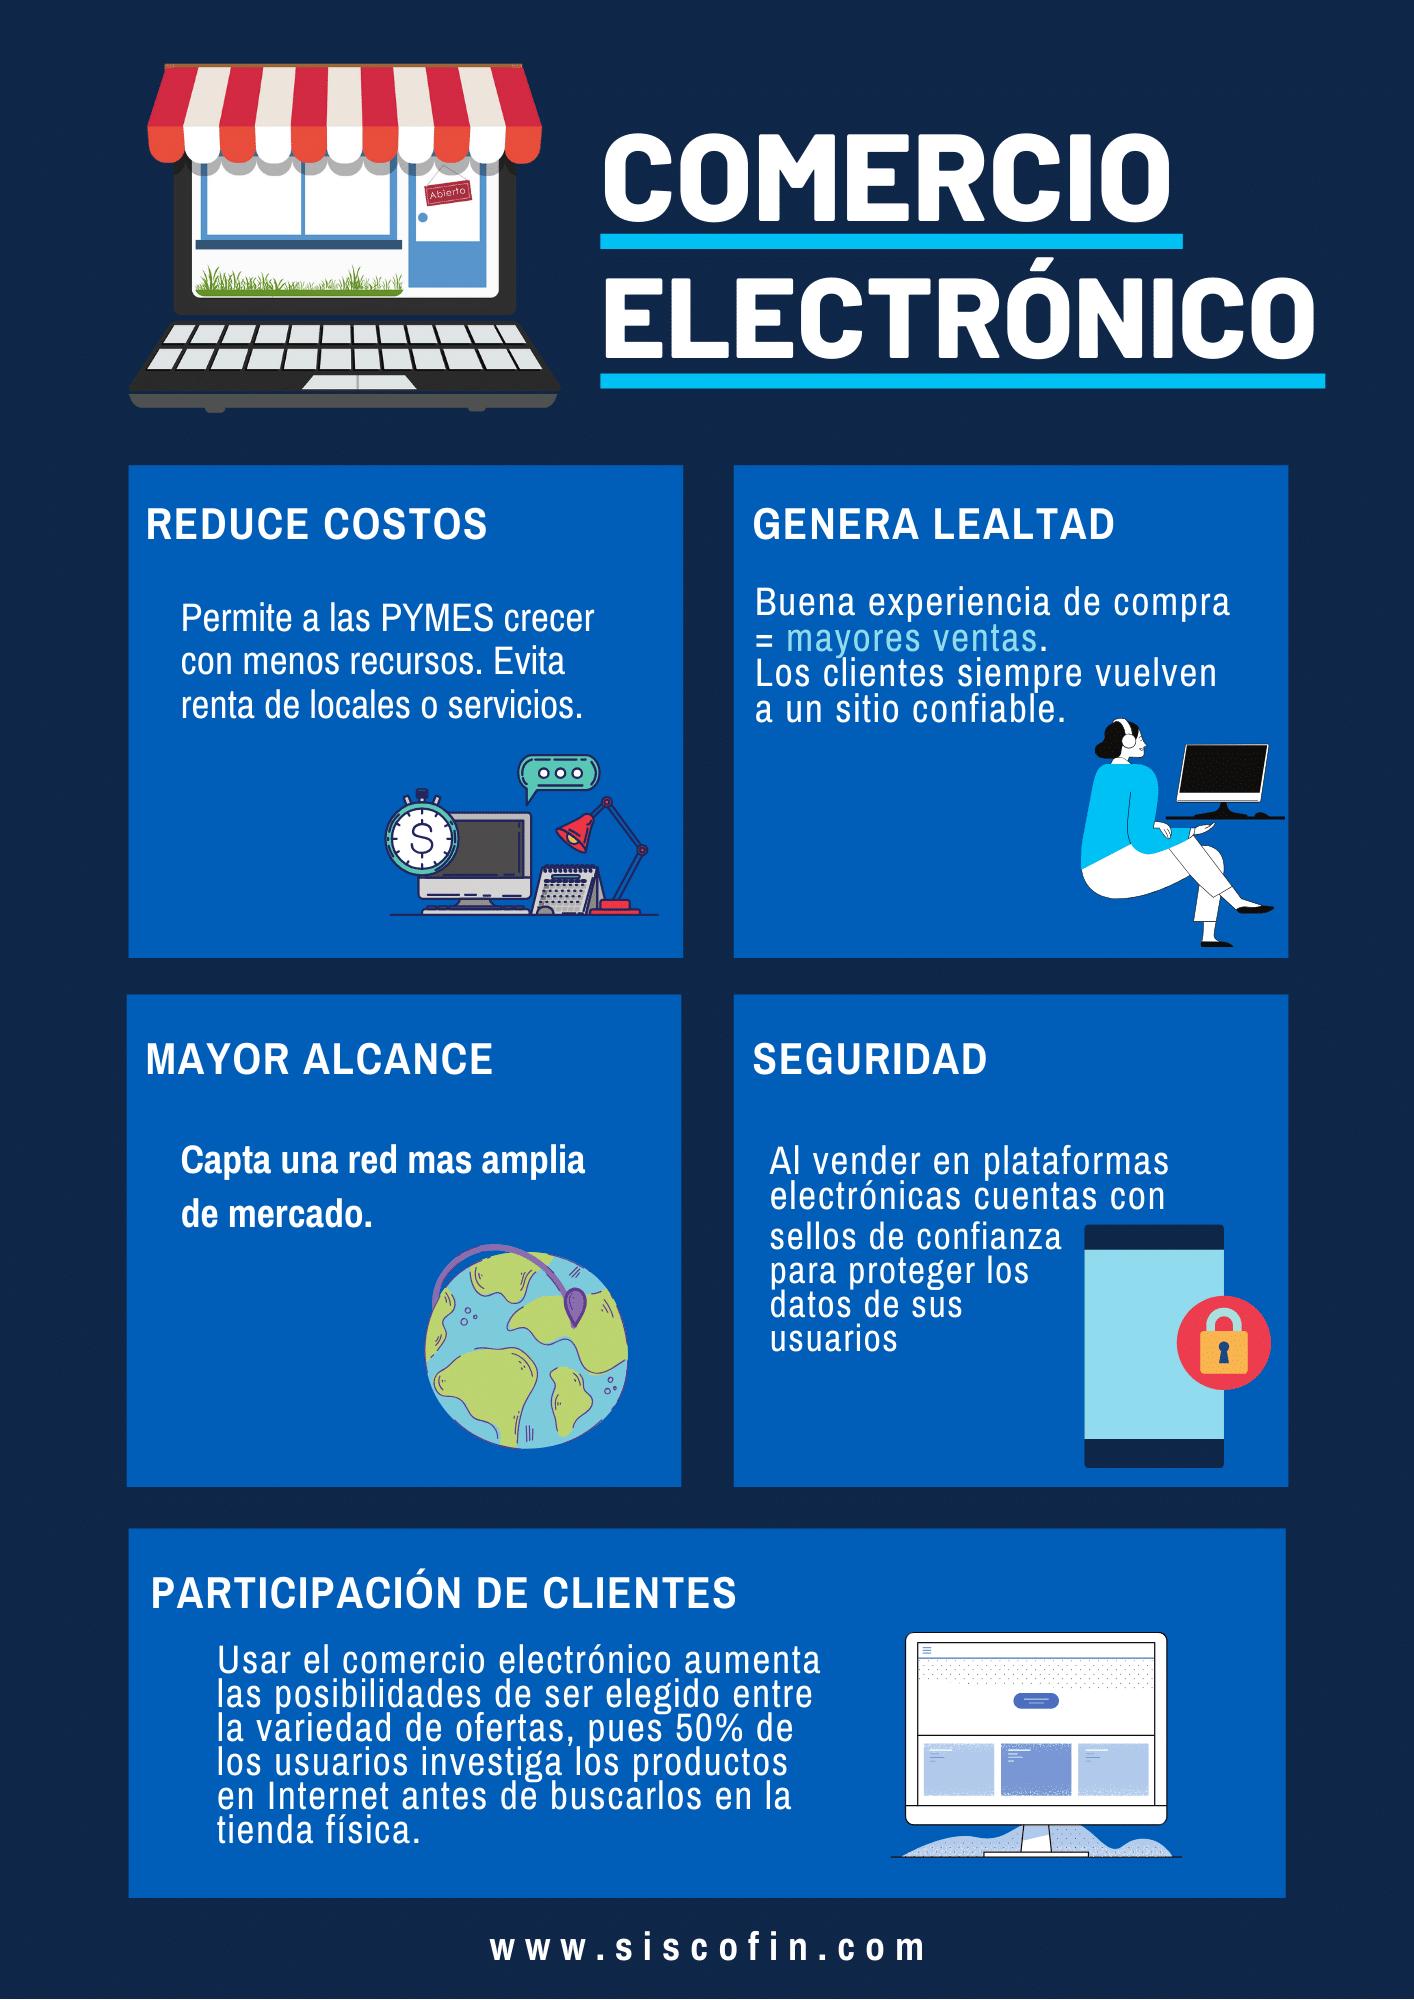 Comercio Electrónico Beneficios PYMES Tienda en Línea WOPEN CONTPAQi